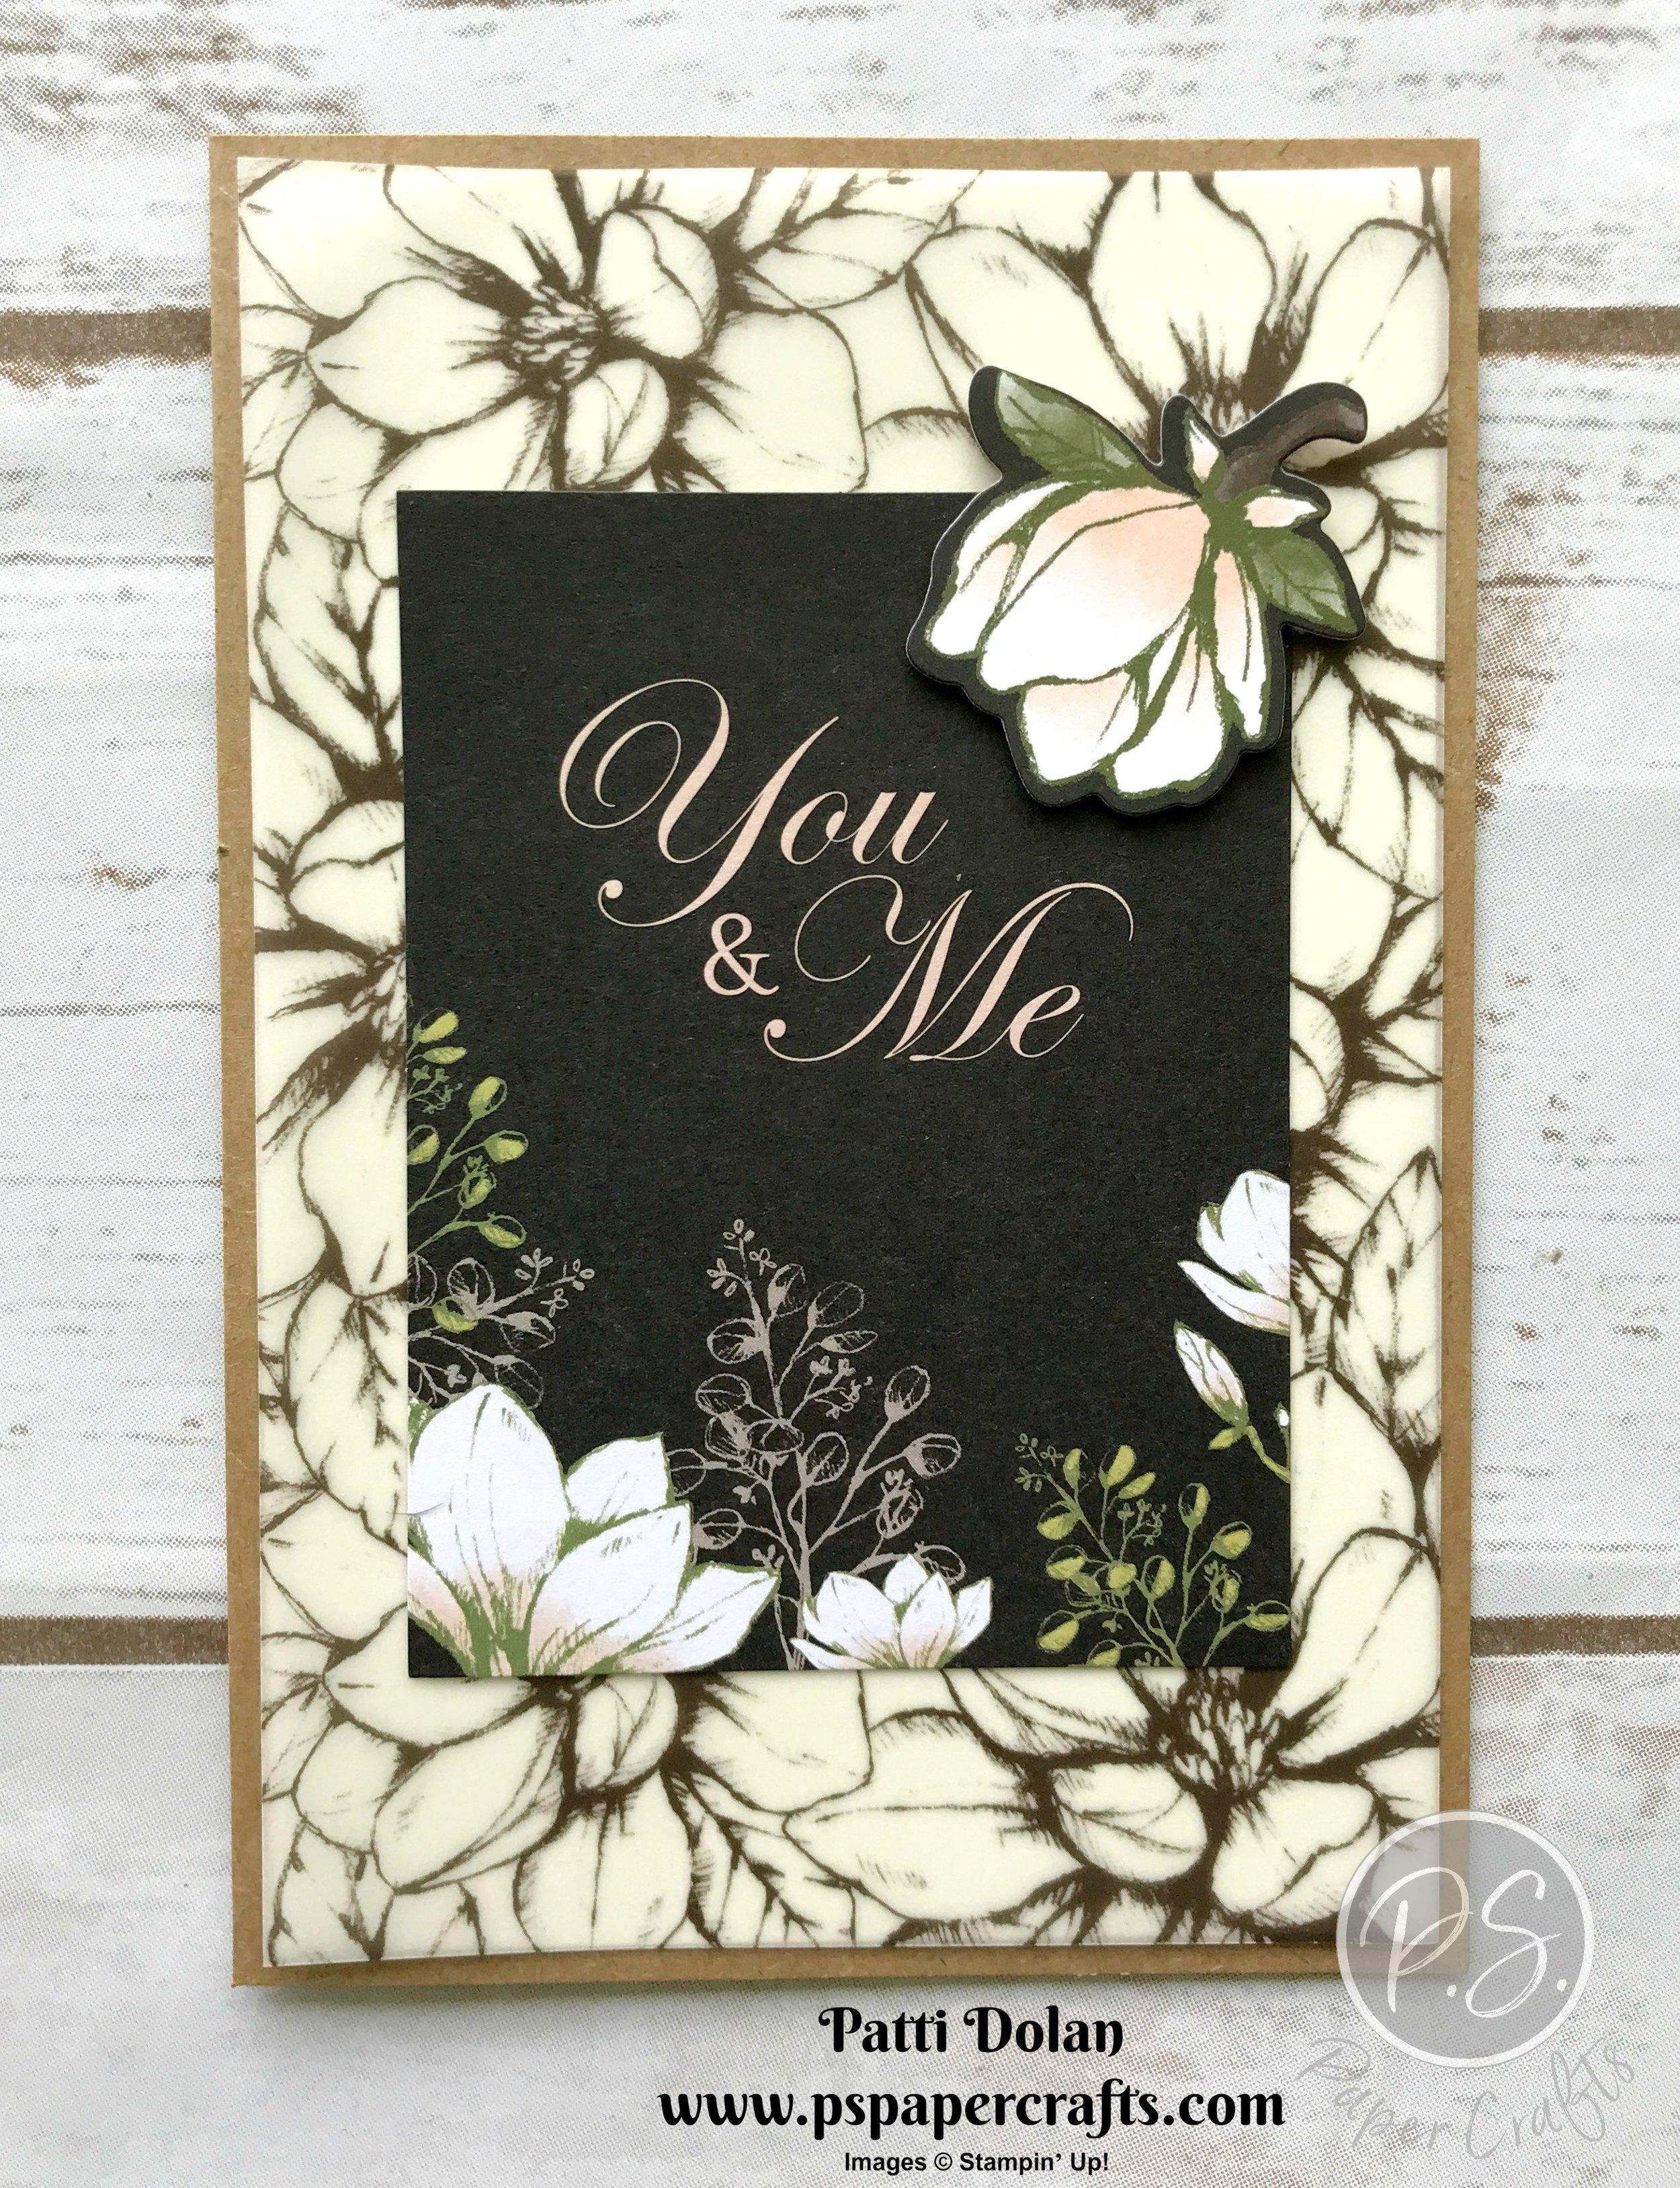 Magnolia Lane Memories & More You & Me.jpg